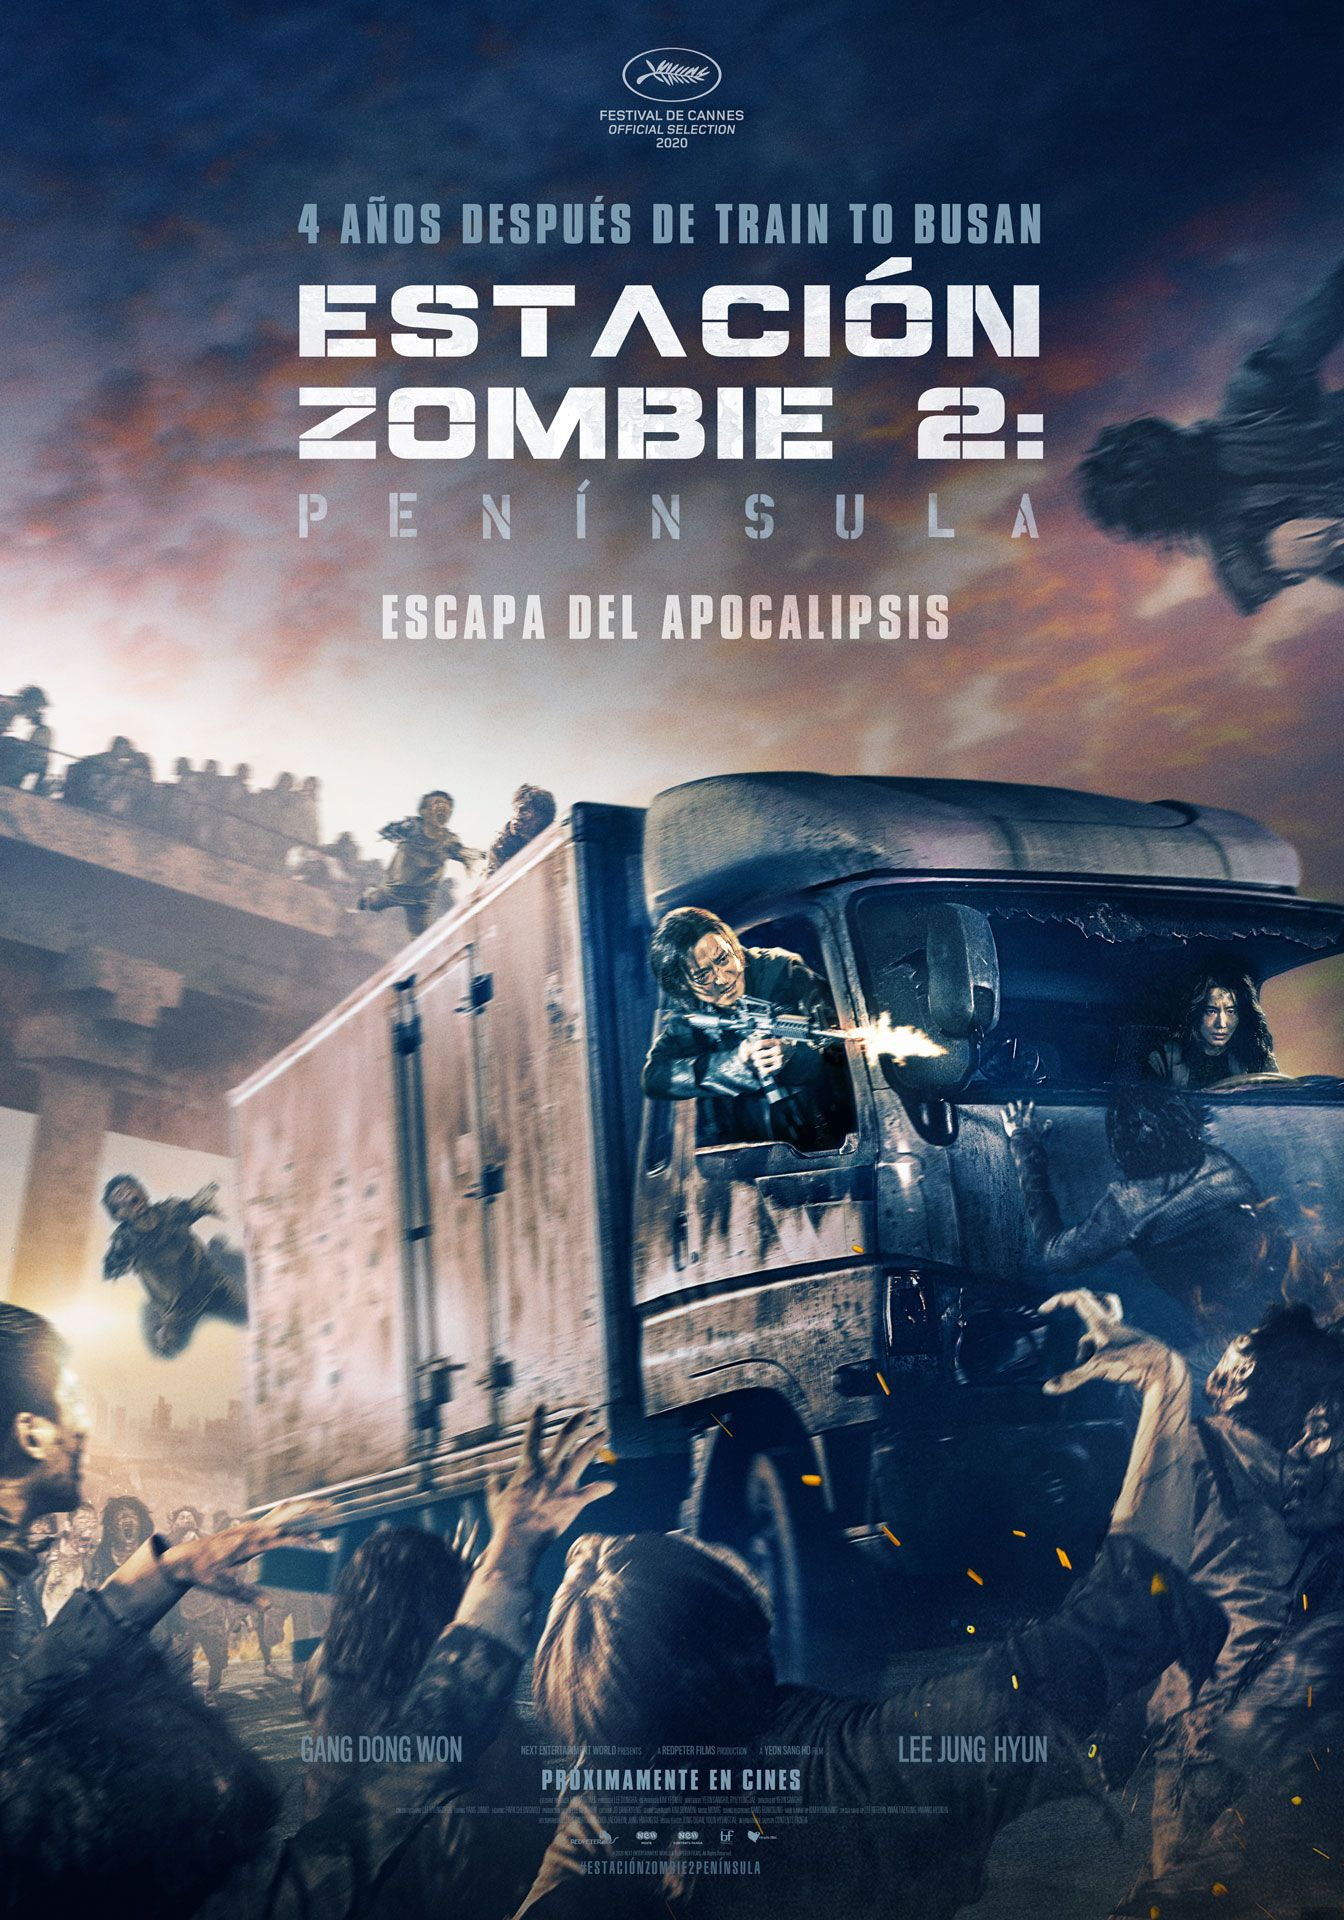 Estacion Zombie 2 Peninsula Lanza Trailer Oficial Ver Peliculas Ver Peliculas Gratis Online Ver Peliculas Gratis